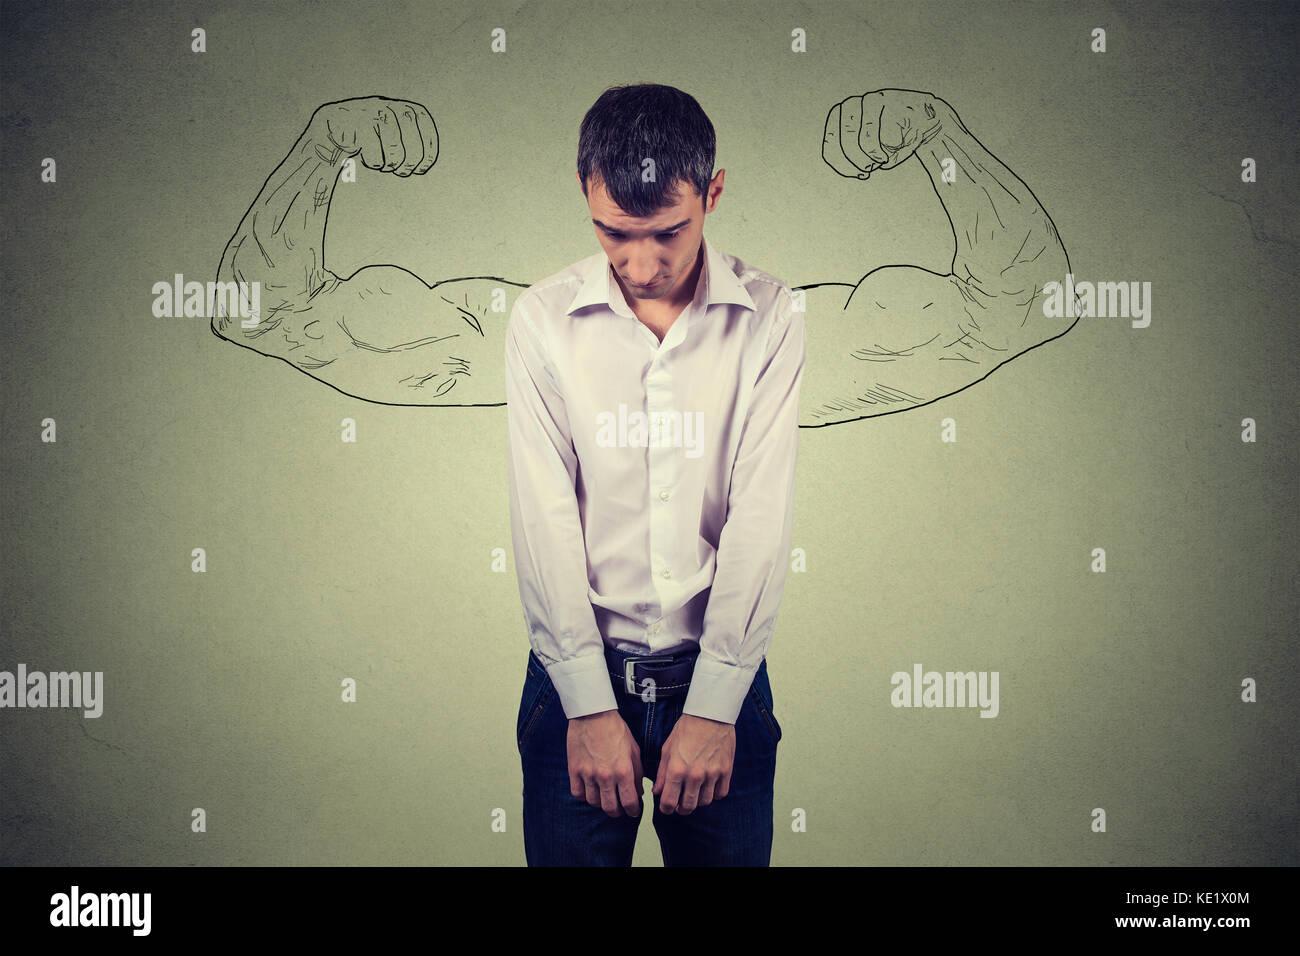 Potente realidad guy vs ambición ilusiones concepto. rostro humano expresiones, emociones. triste hombre mirando Imagen De Stock